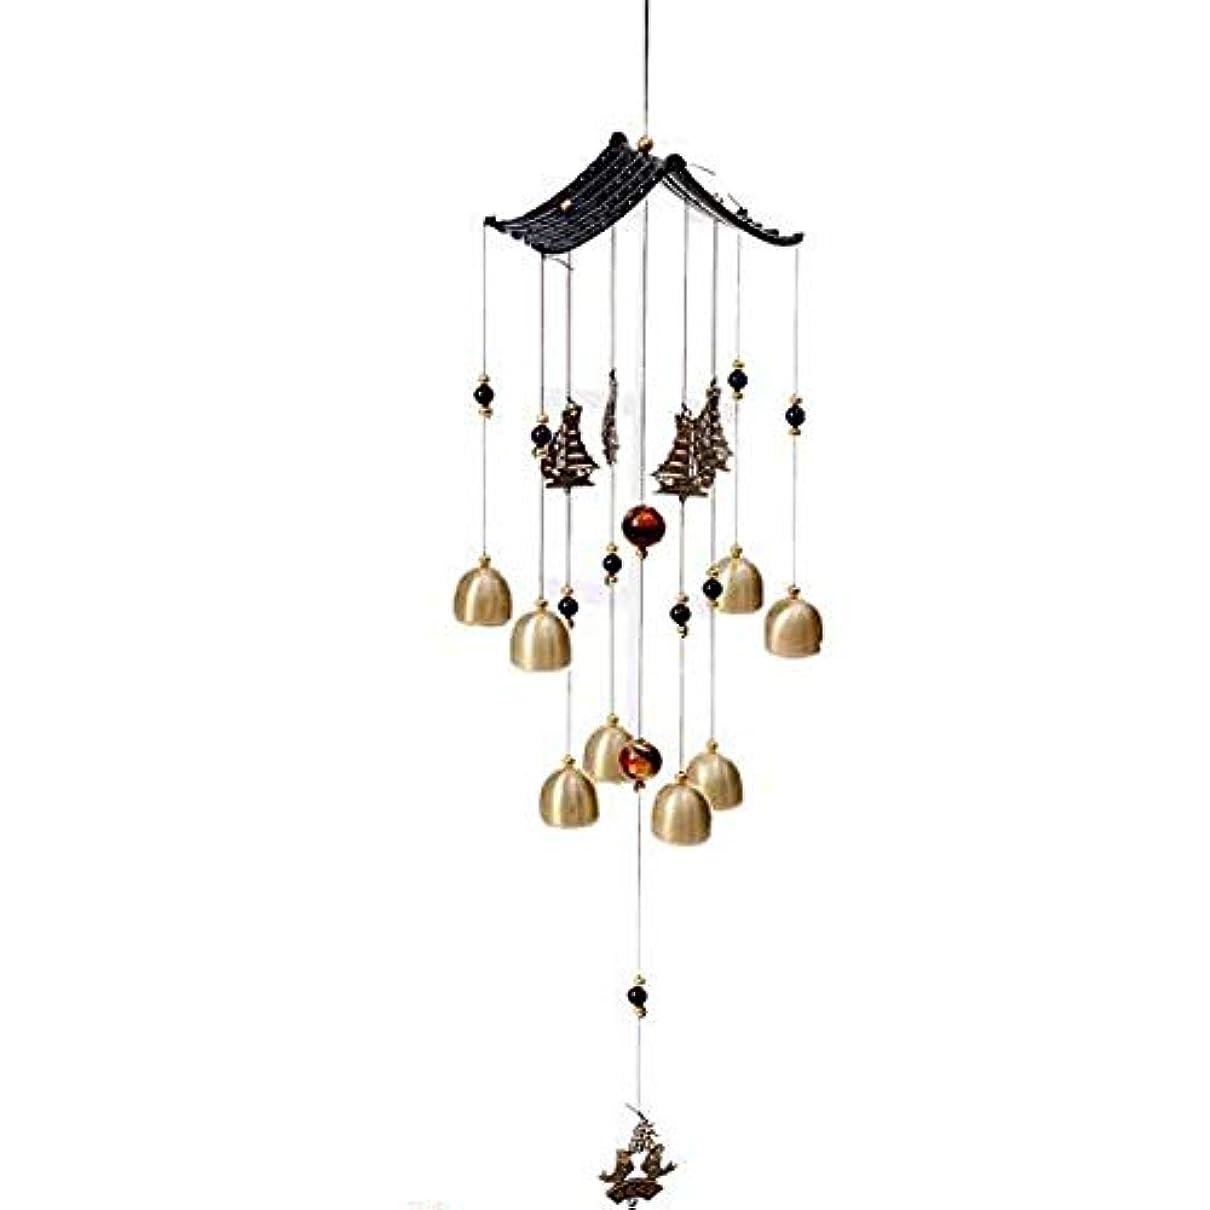 ハイキングソビエトかまどHongyushanghang 風チャイム、金属銅鐘ホームデコレーション、ブラック、サイズ62 * 13CM,、ジュエリークリエイティブホリデーギフトを掛ける (Color : Black-A)